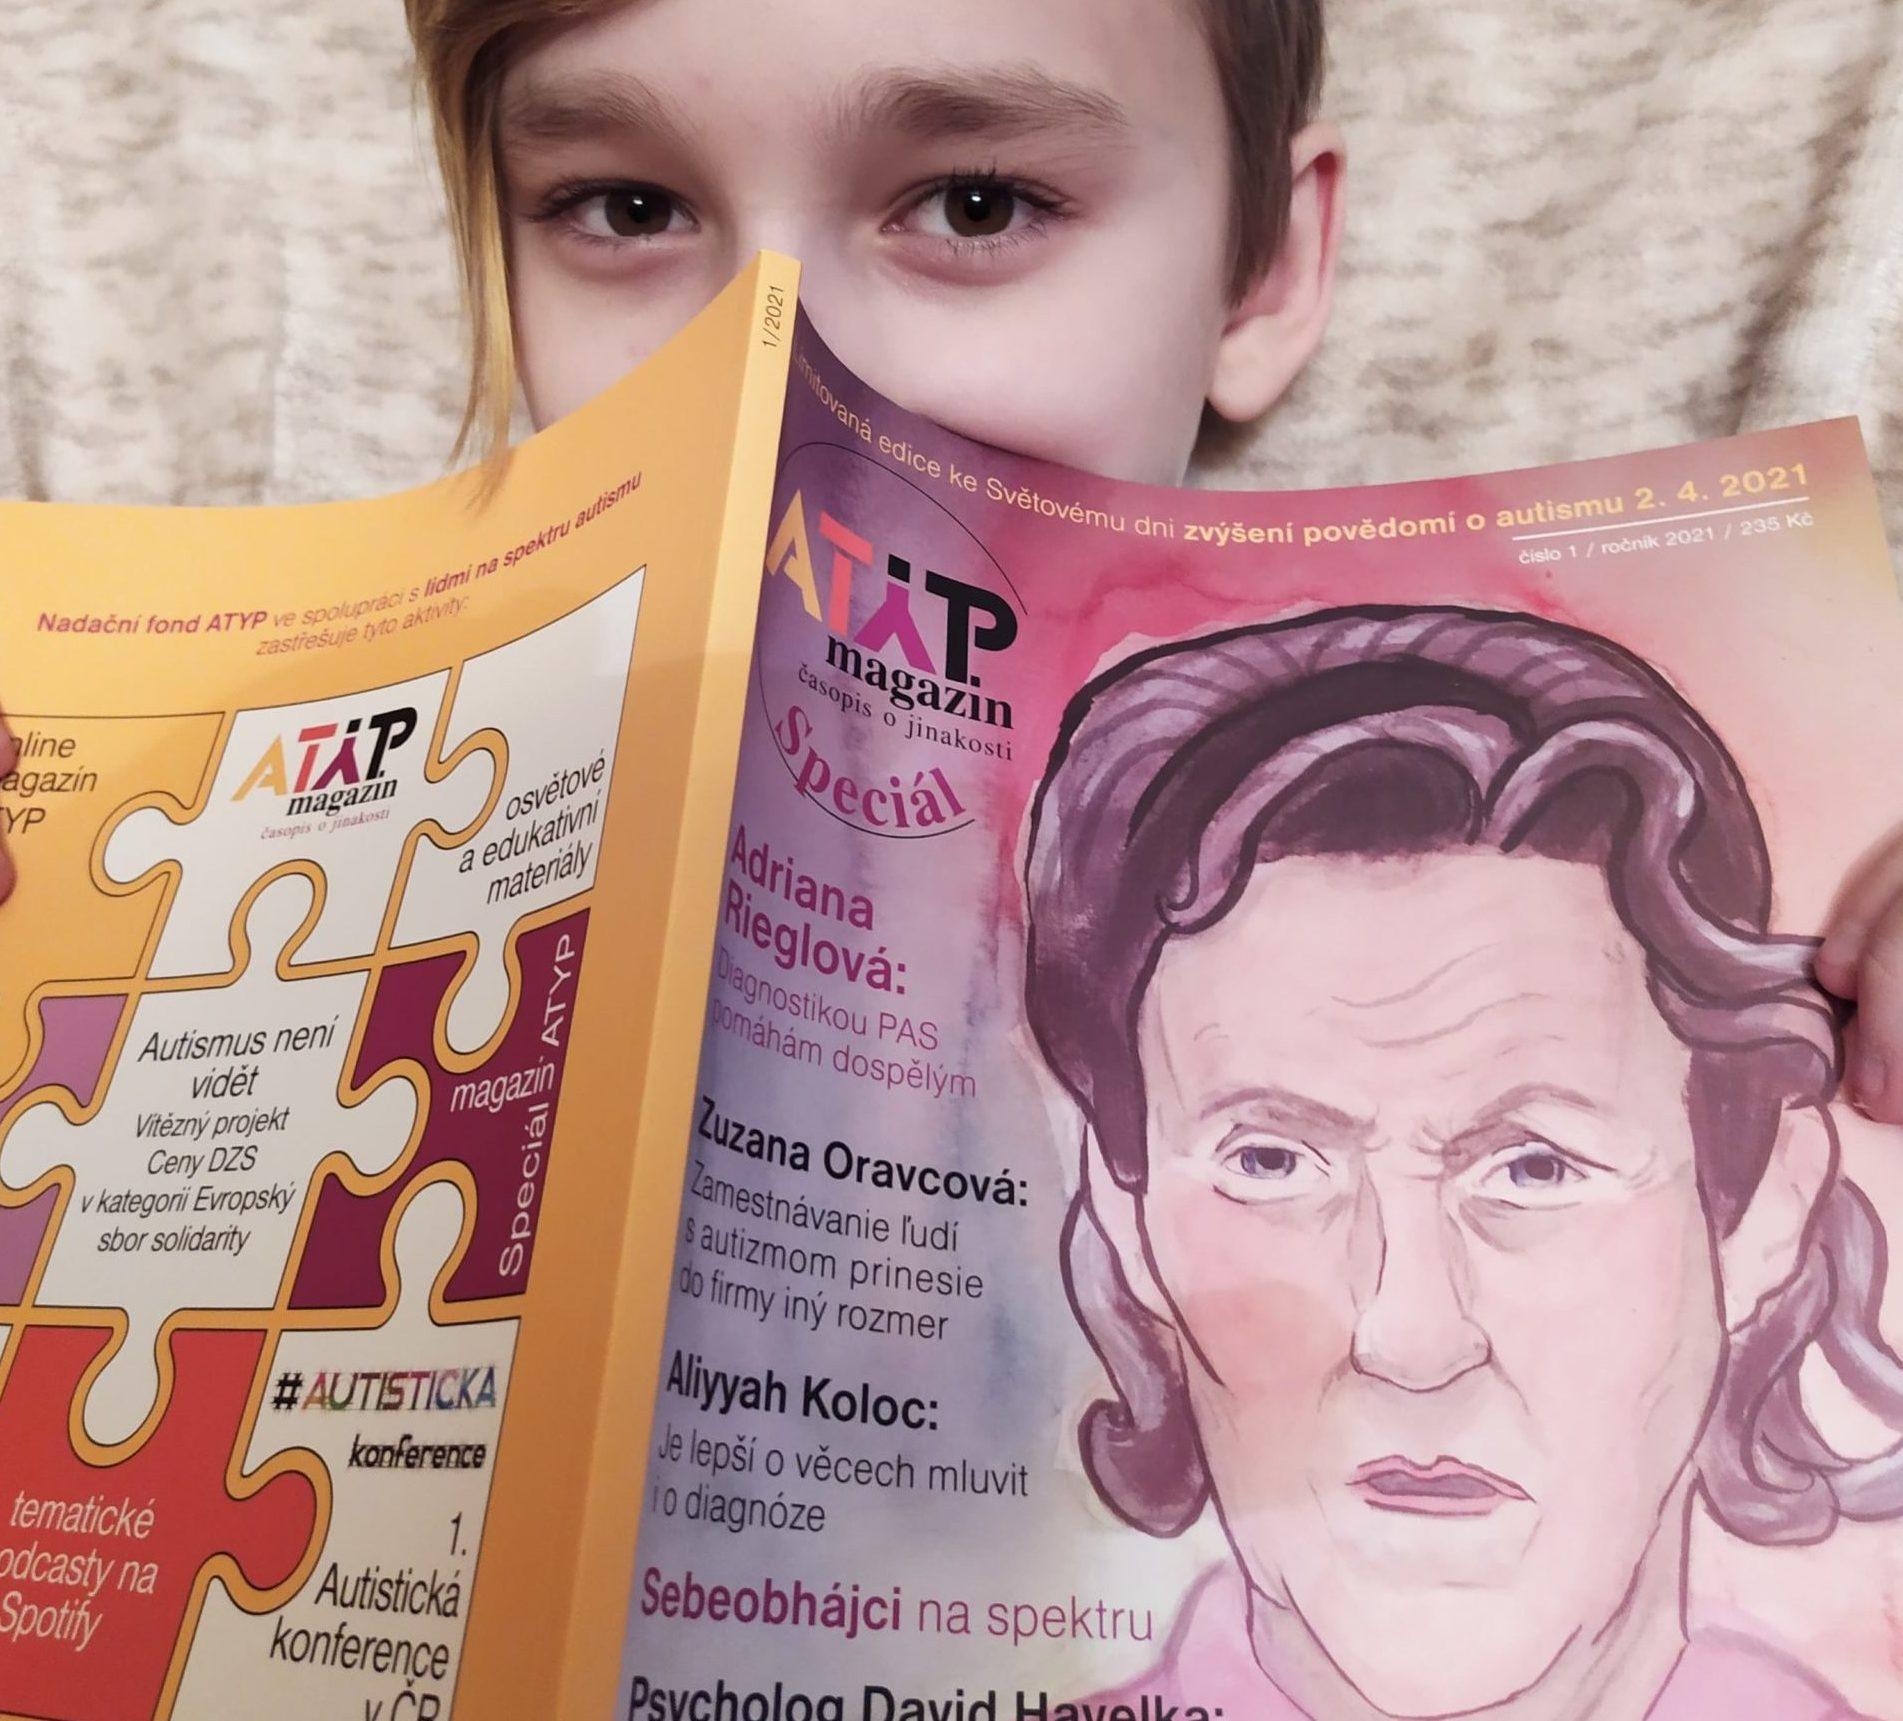 Tahákem magazínu je rozhovor s nejznámější autistickou aktivistkou Temple Grandin. Ilustrace a komiksy, kterých je magazín plný, vytvářejí výtvarníci s diagnózou PAS.